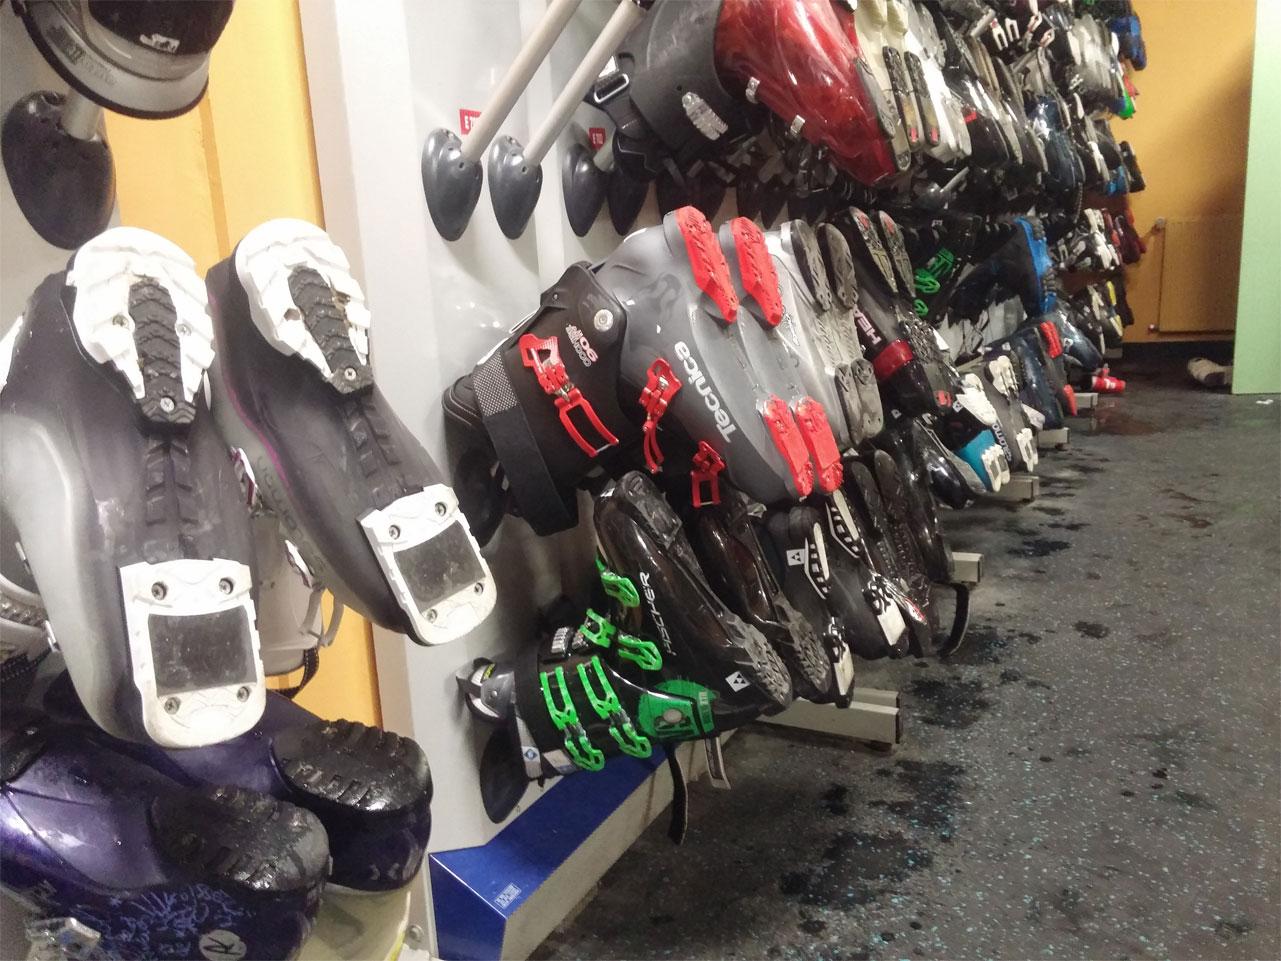 רשימת ציוד סקי. הבלוג של רונית כפיר